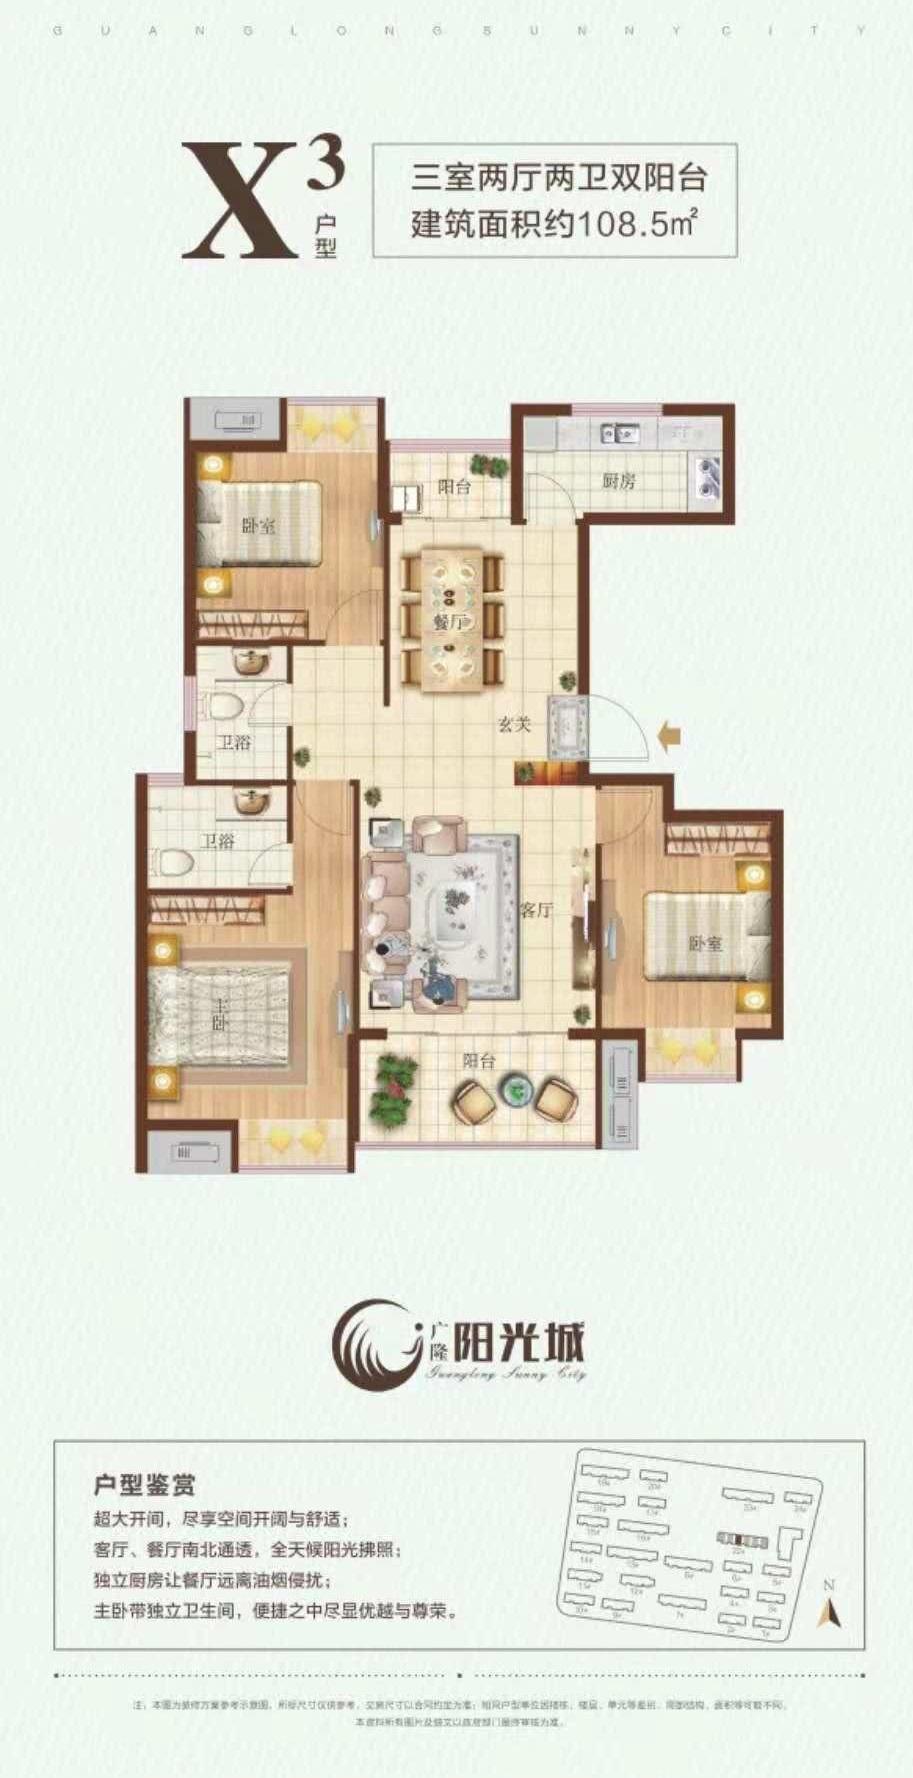 广隆·阳光城的户型图